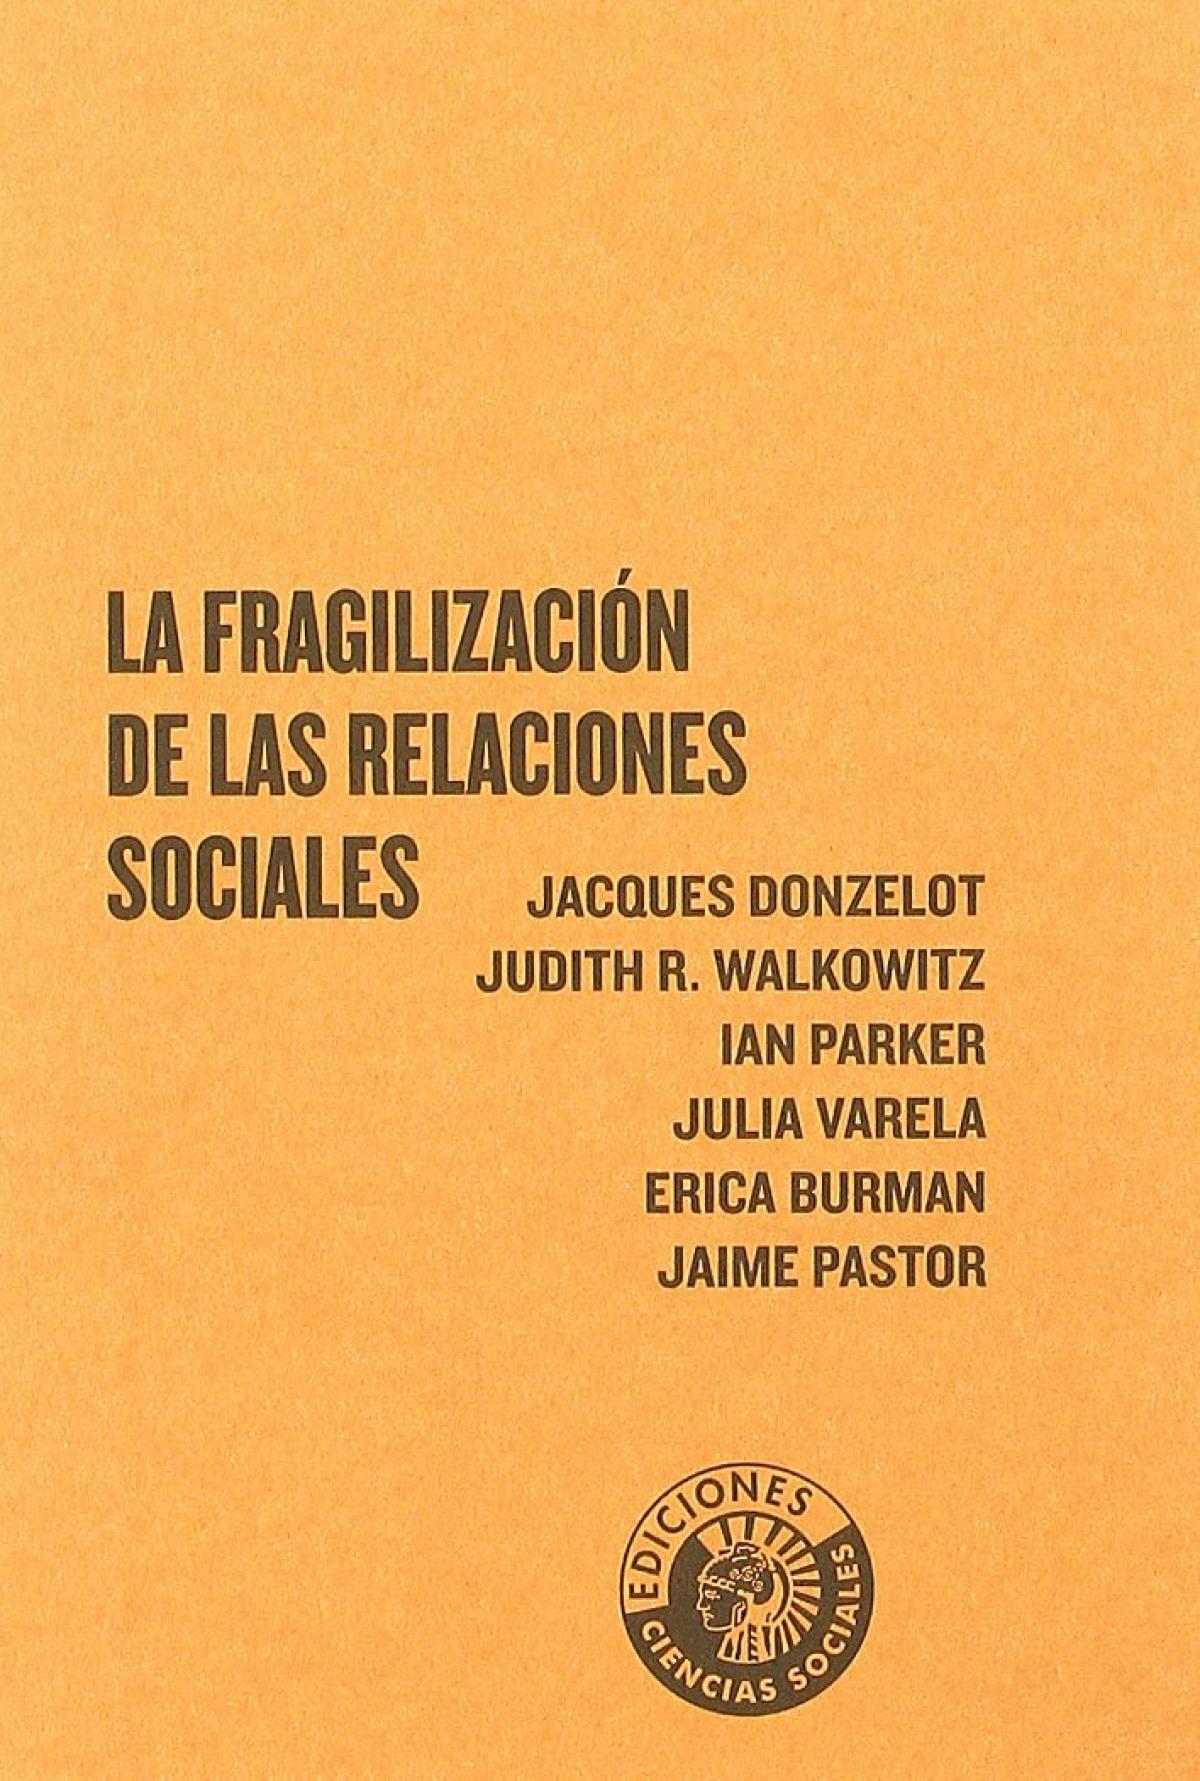 Fragilizacion relaciones sociales - Donzelot, Jacques